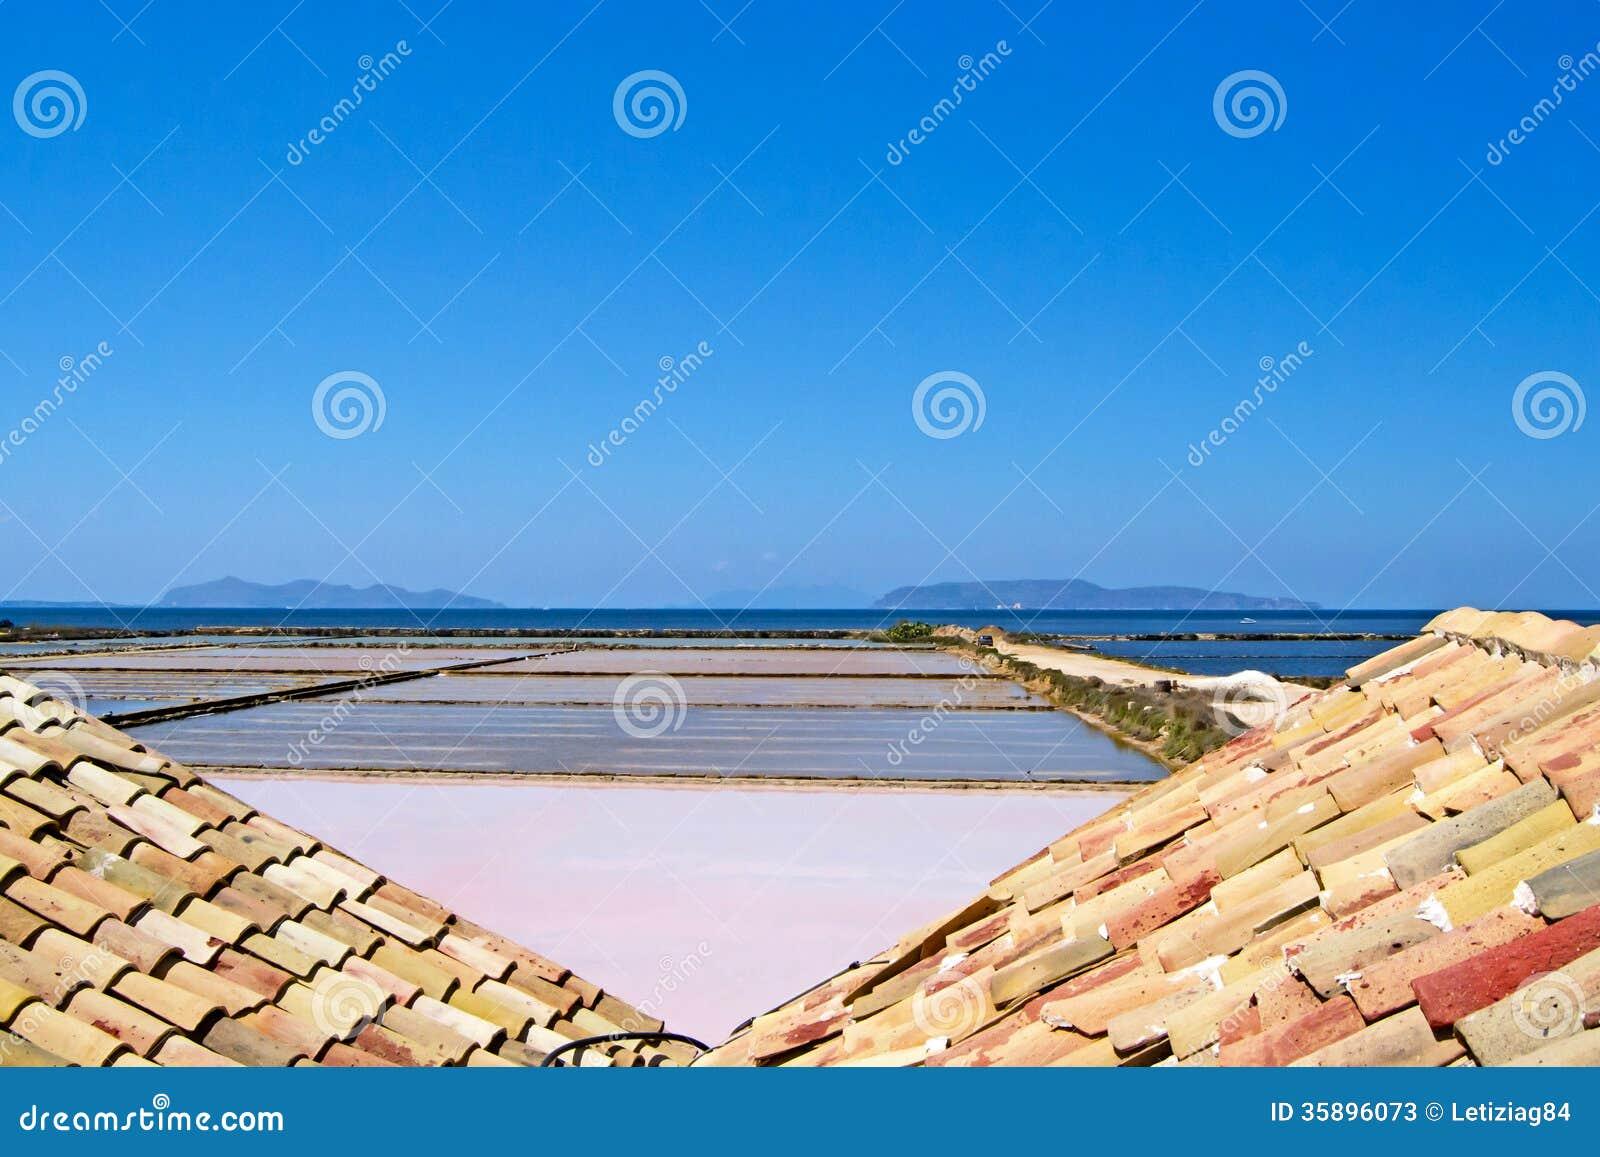 Alte Salzbergwerke von Nubia